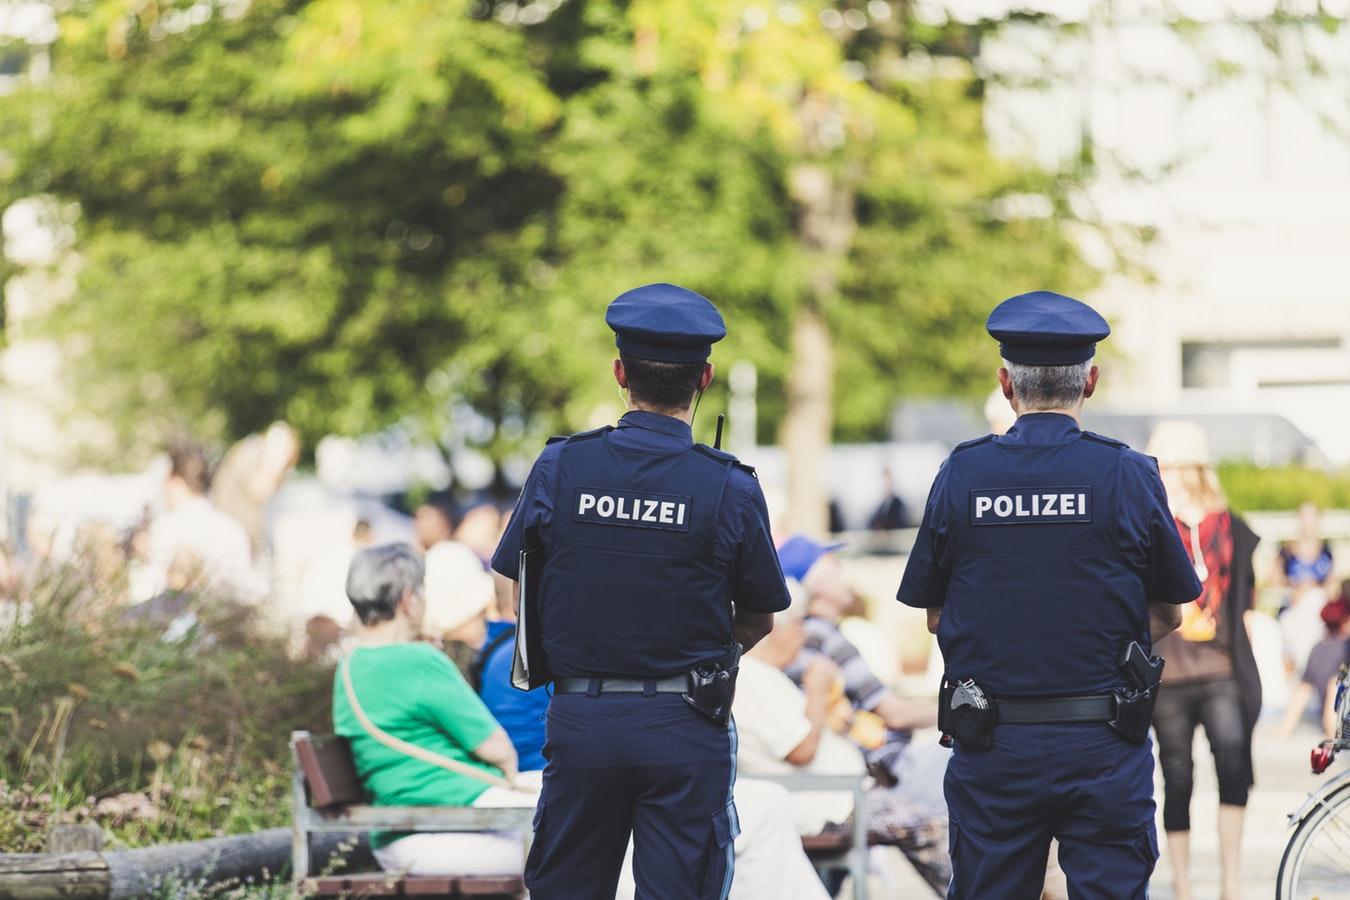 Ποια εγκλήματα διαπράττονται στη Γερμανία και σε ποιες περιοχές